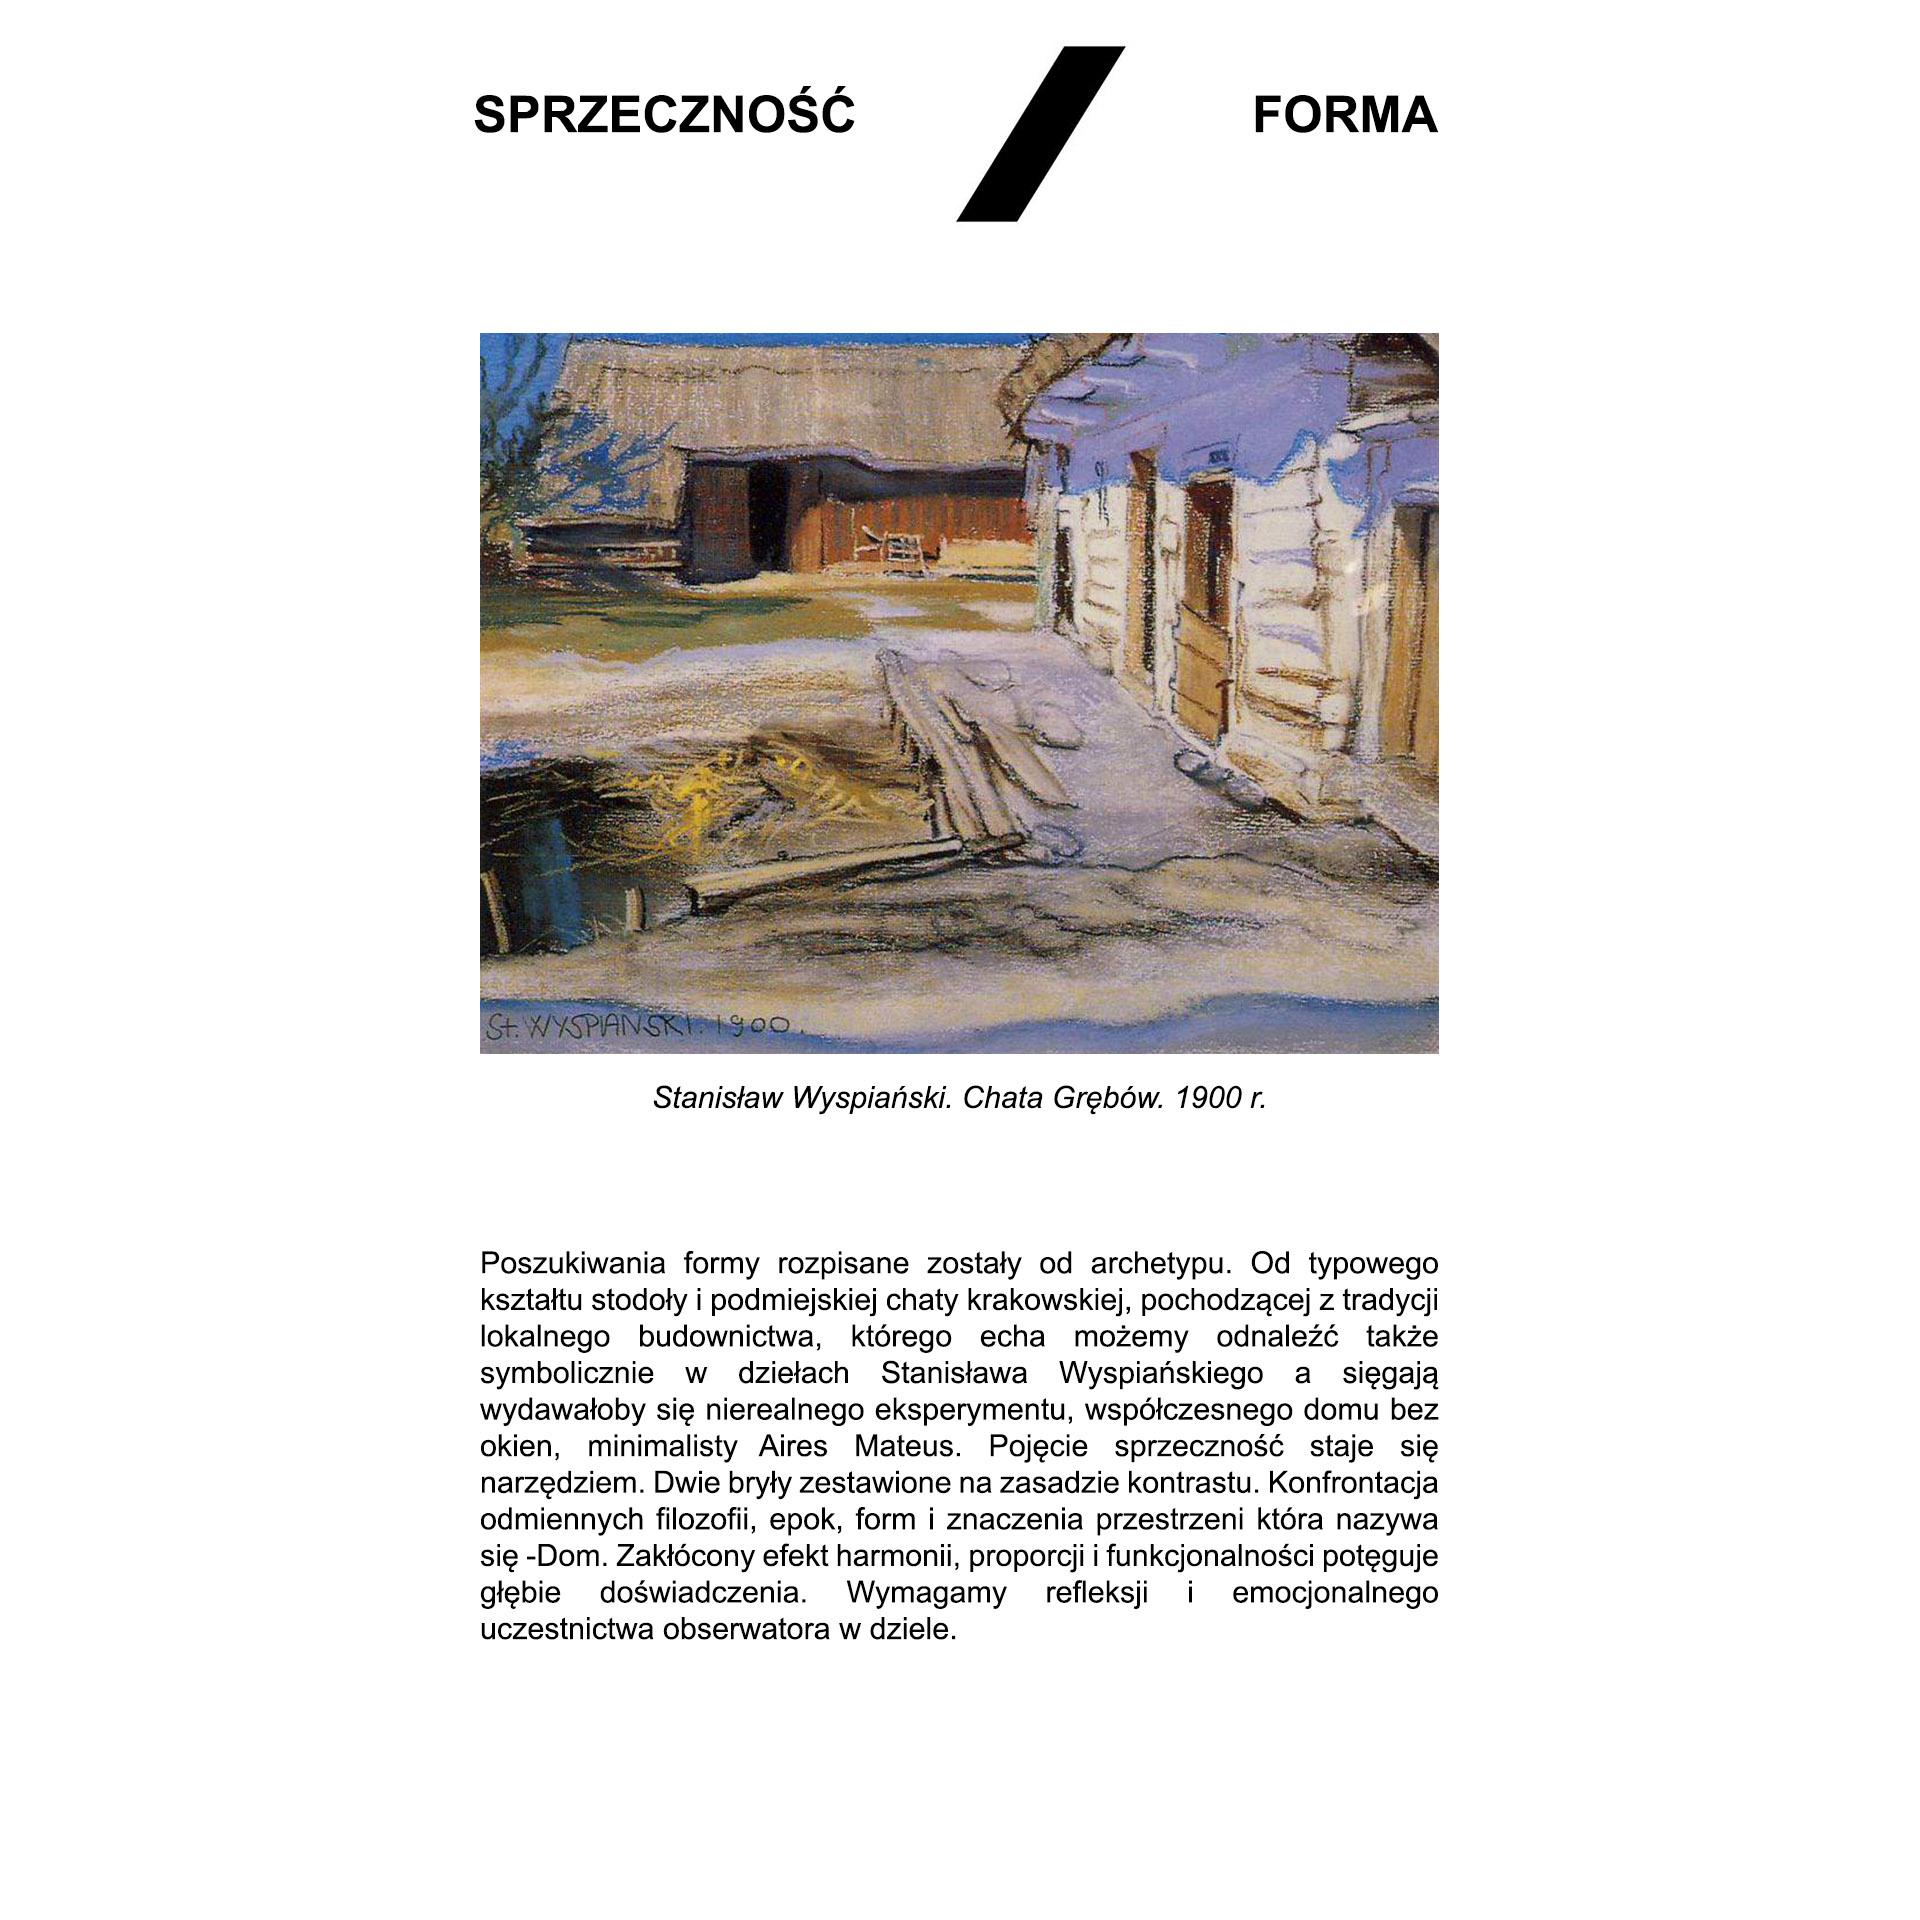 Latająca stodoła - opis sprzeczność/forma